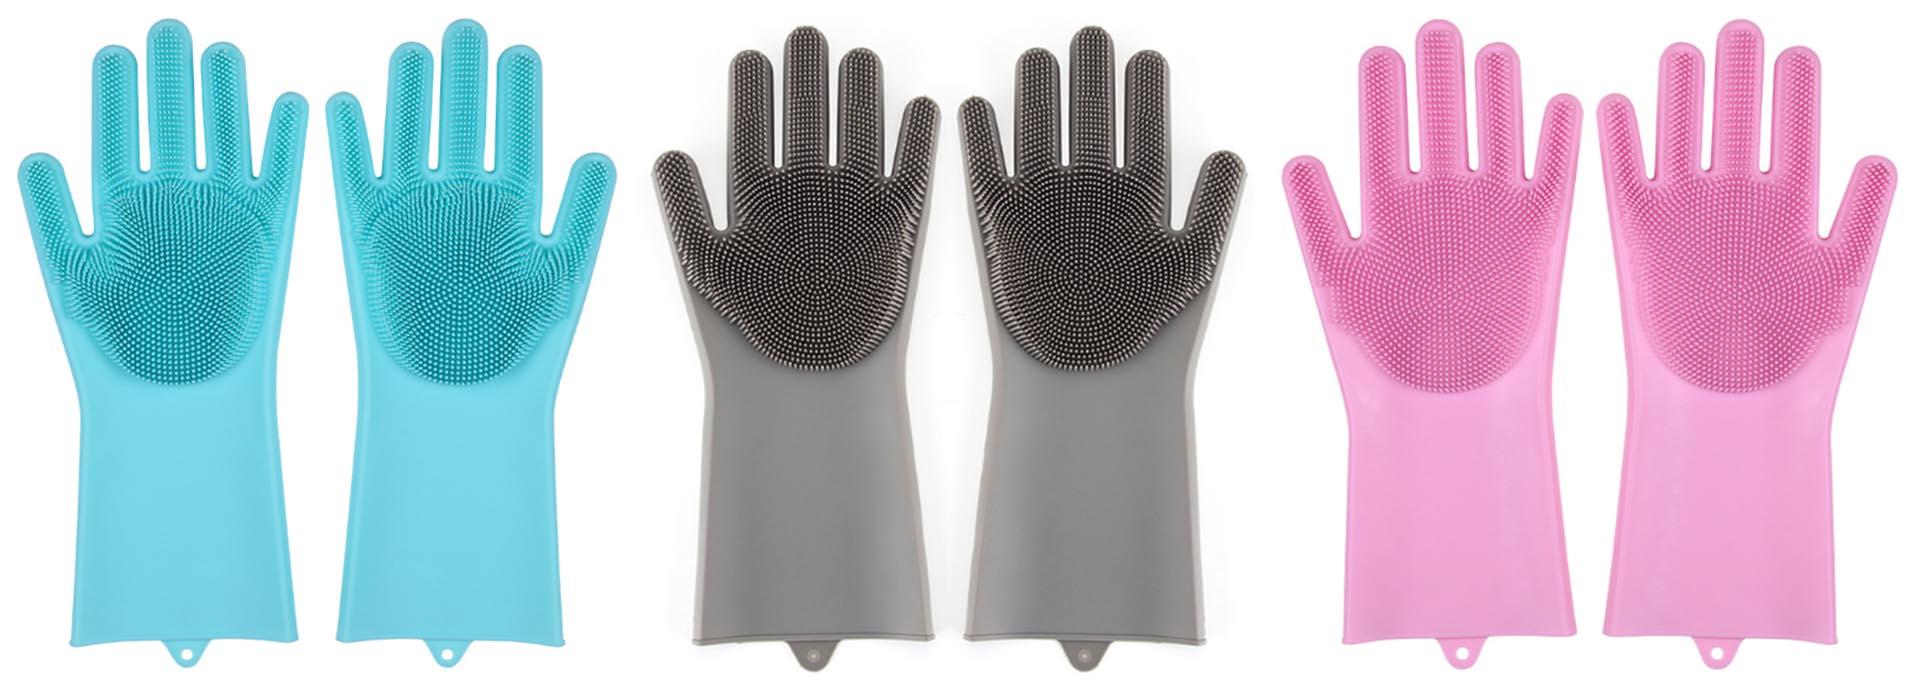 silicon glove 3